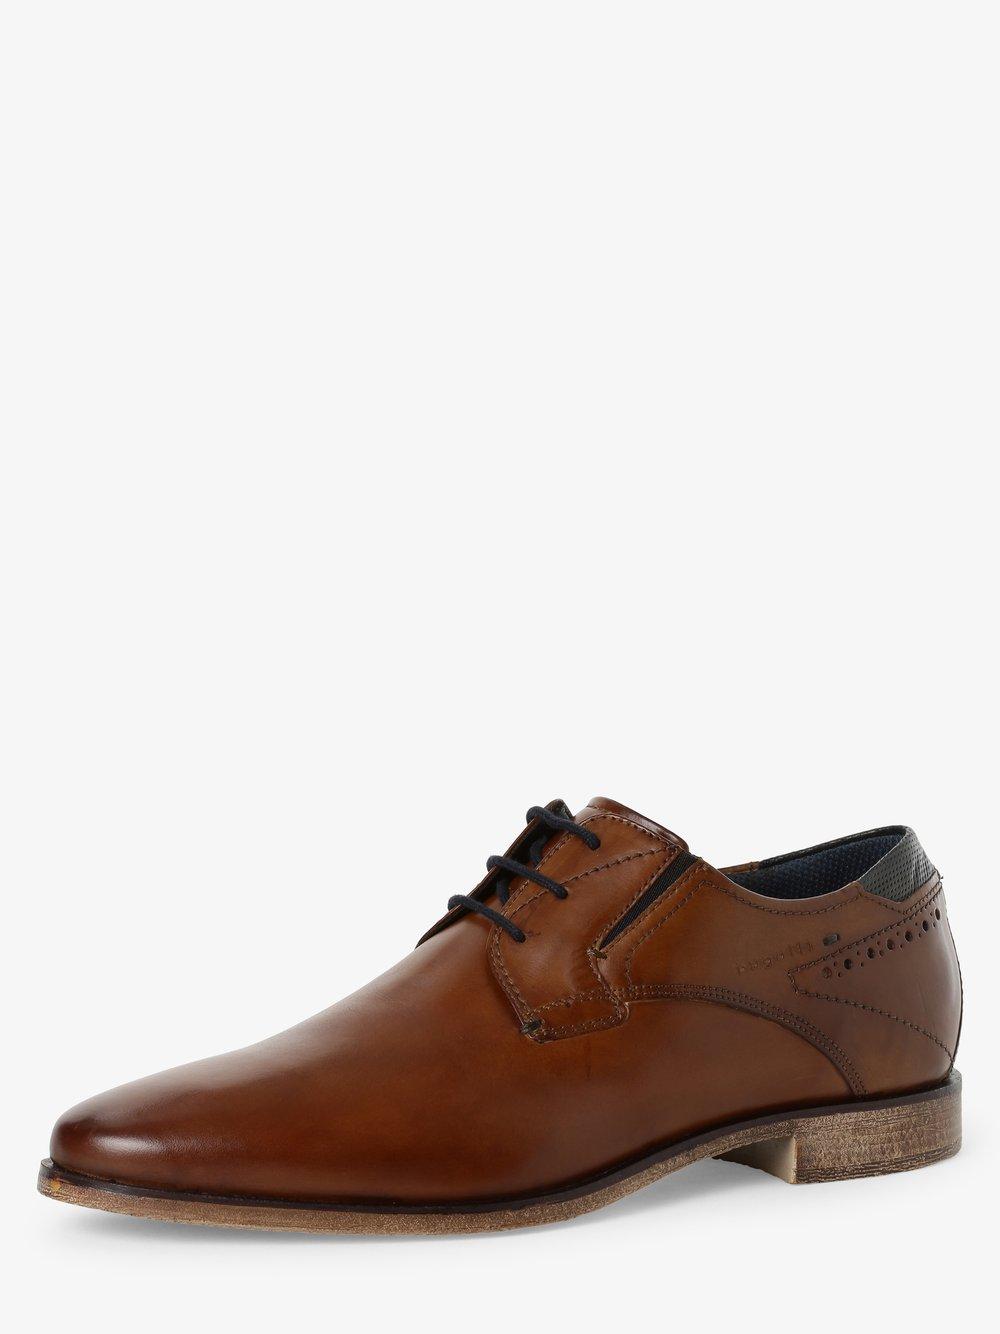 Bugatti - Męskie buty sznurowane ze skóry, beżowy